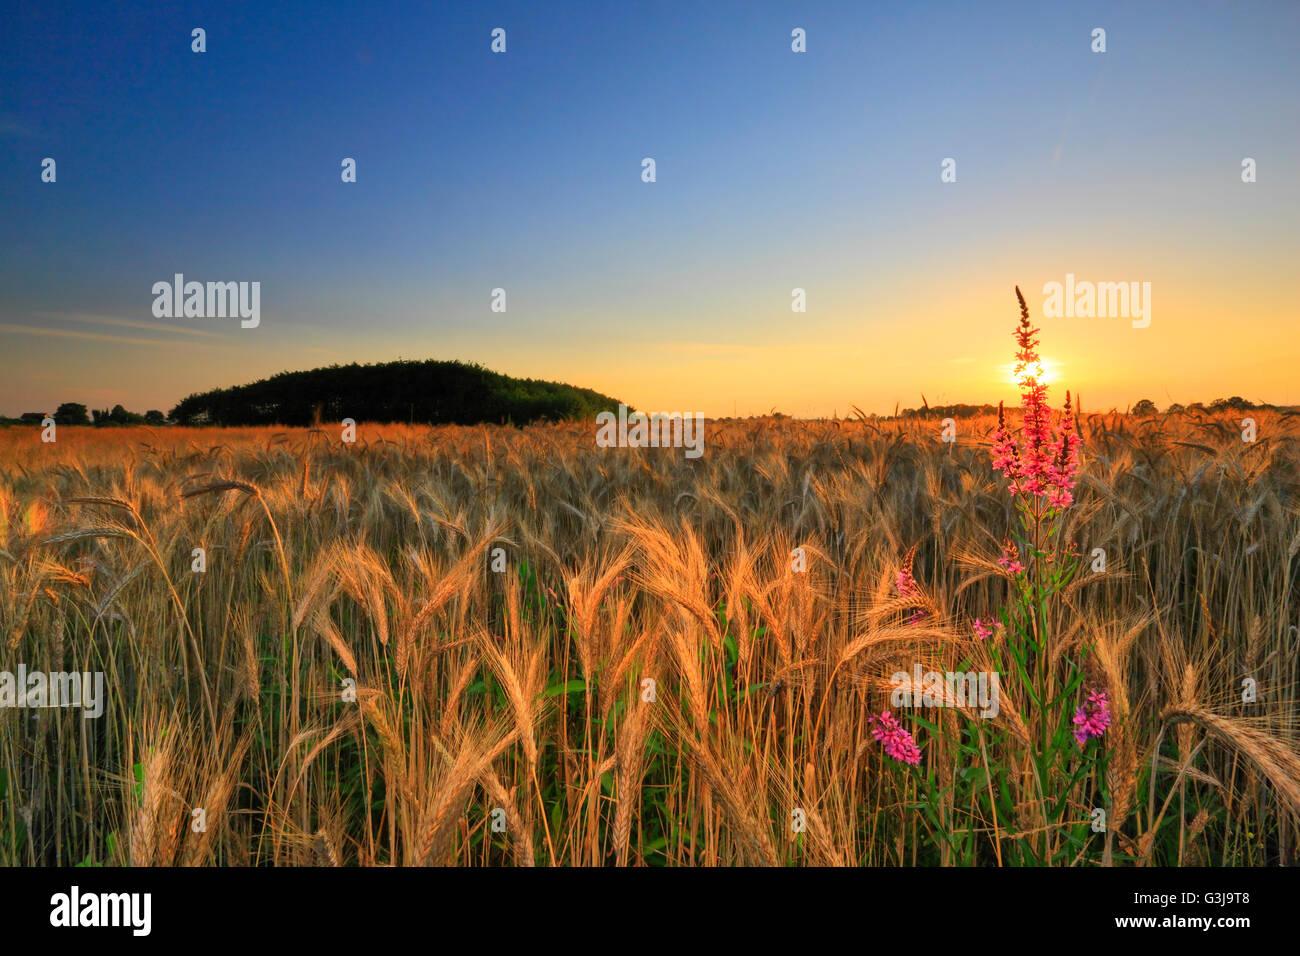 Atardecer en el campo de trigo Imagen De Stock